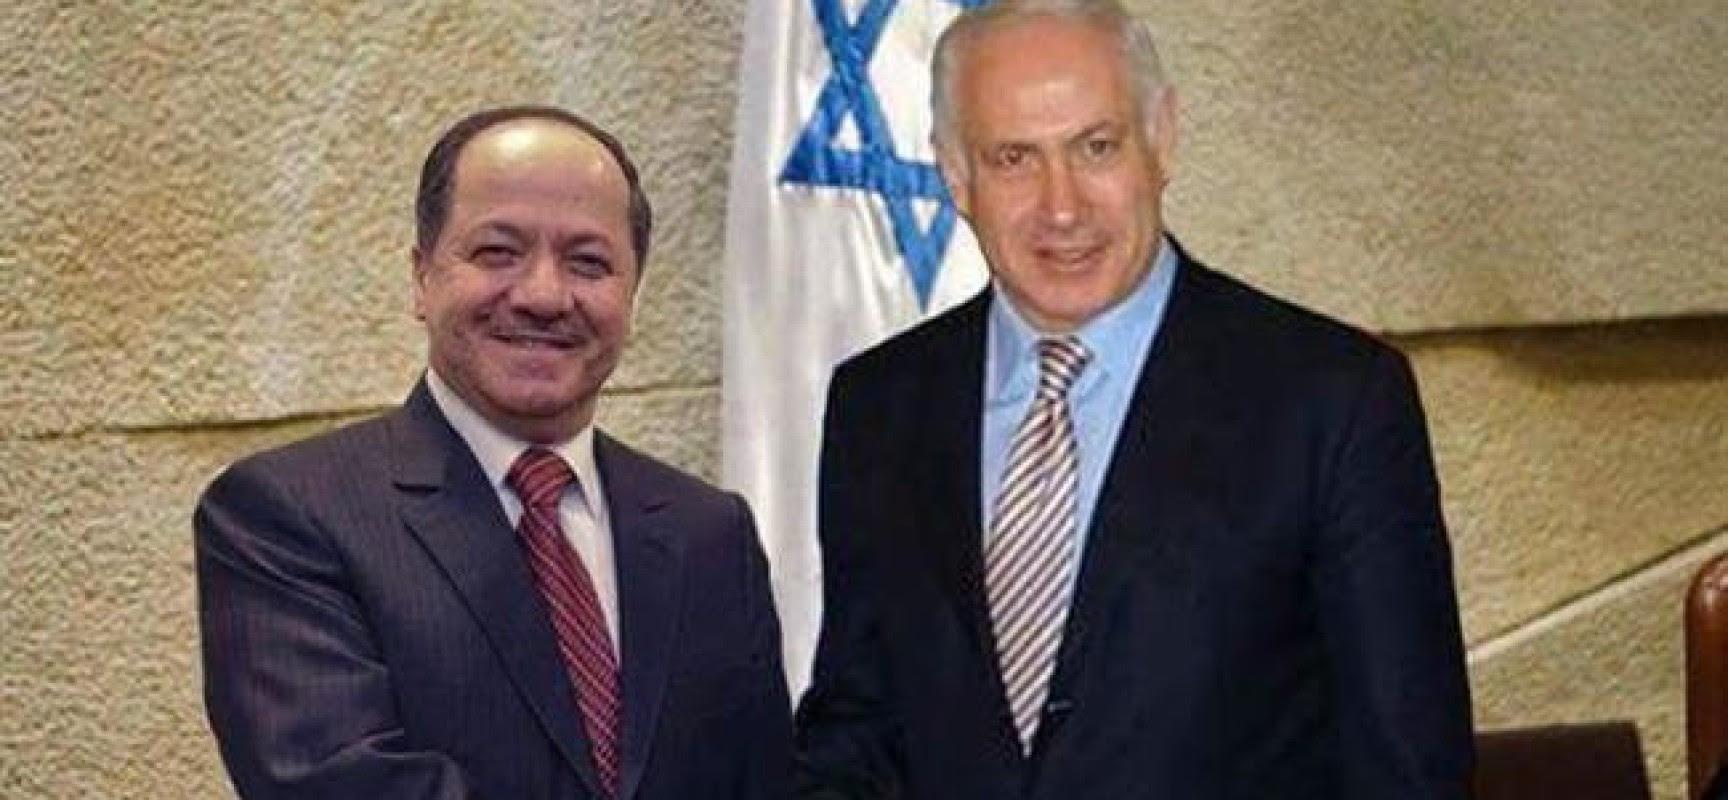 L'indépendance kurde au centre des plans israéliens de remodelage du Proche-Orient